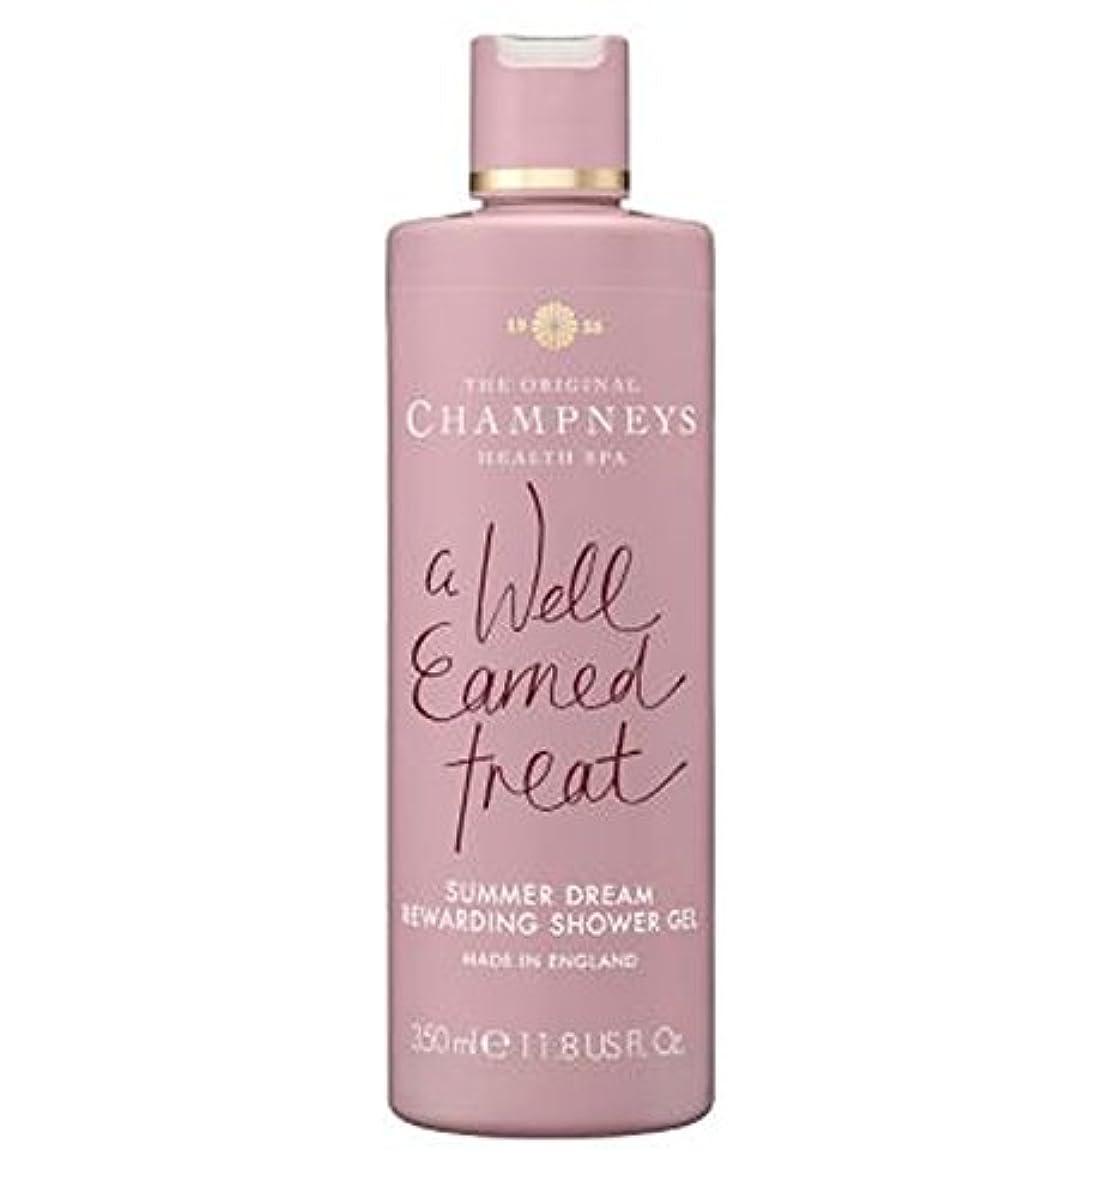 円形のパッド風が強いチャンプニーズの夏の夢やりがいのシャワージェル350ミリリットル (Champneys) (x2) - Champneys Summer Dream Rewarding Shower Gel 350ml (Pack of...